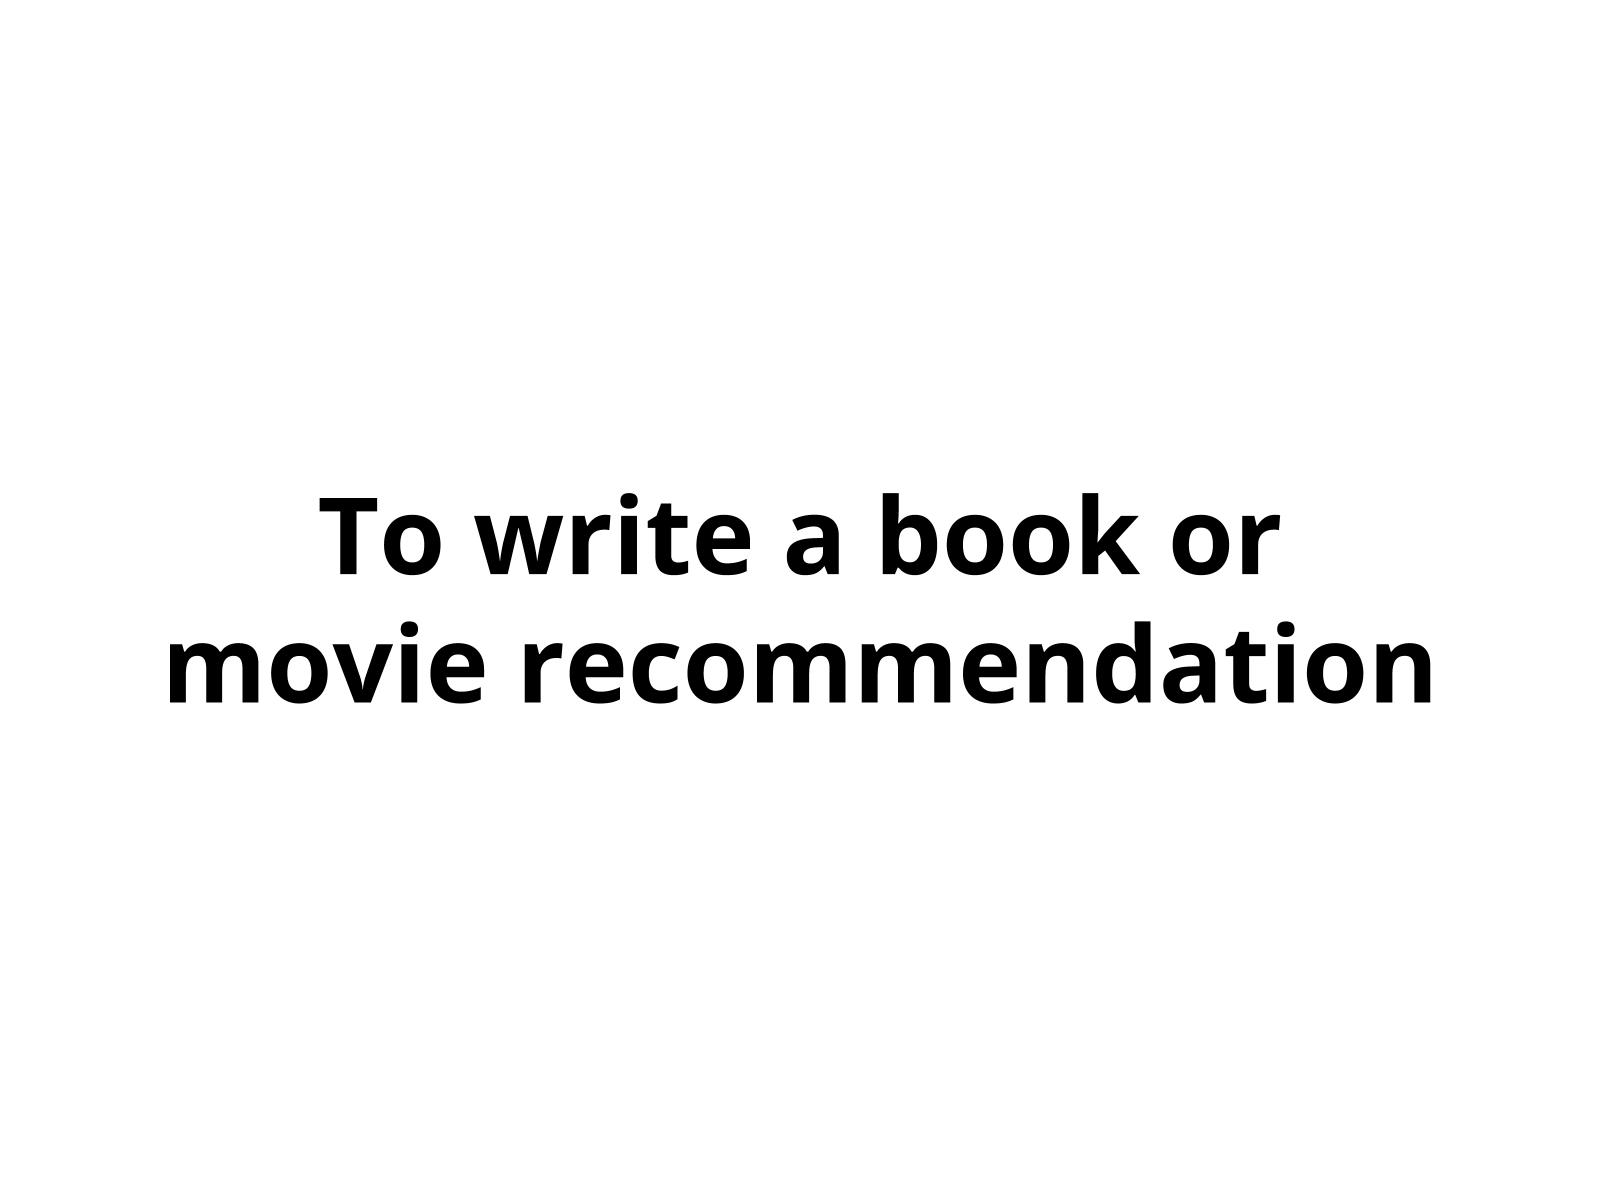 Recomendação de livro ou filme